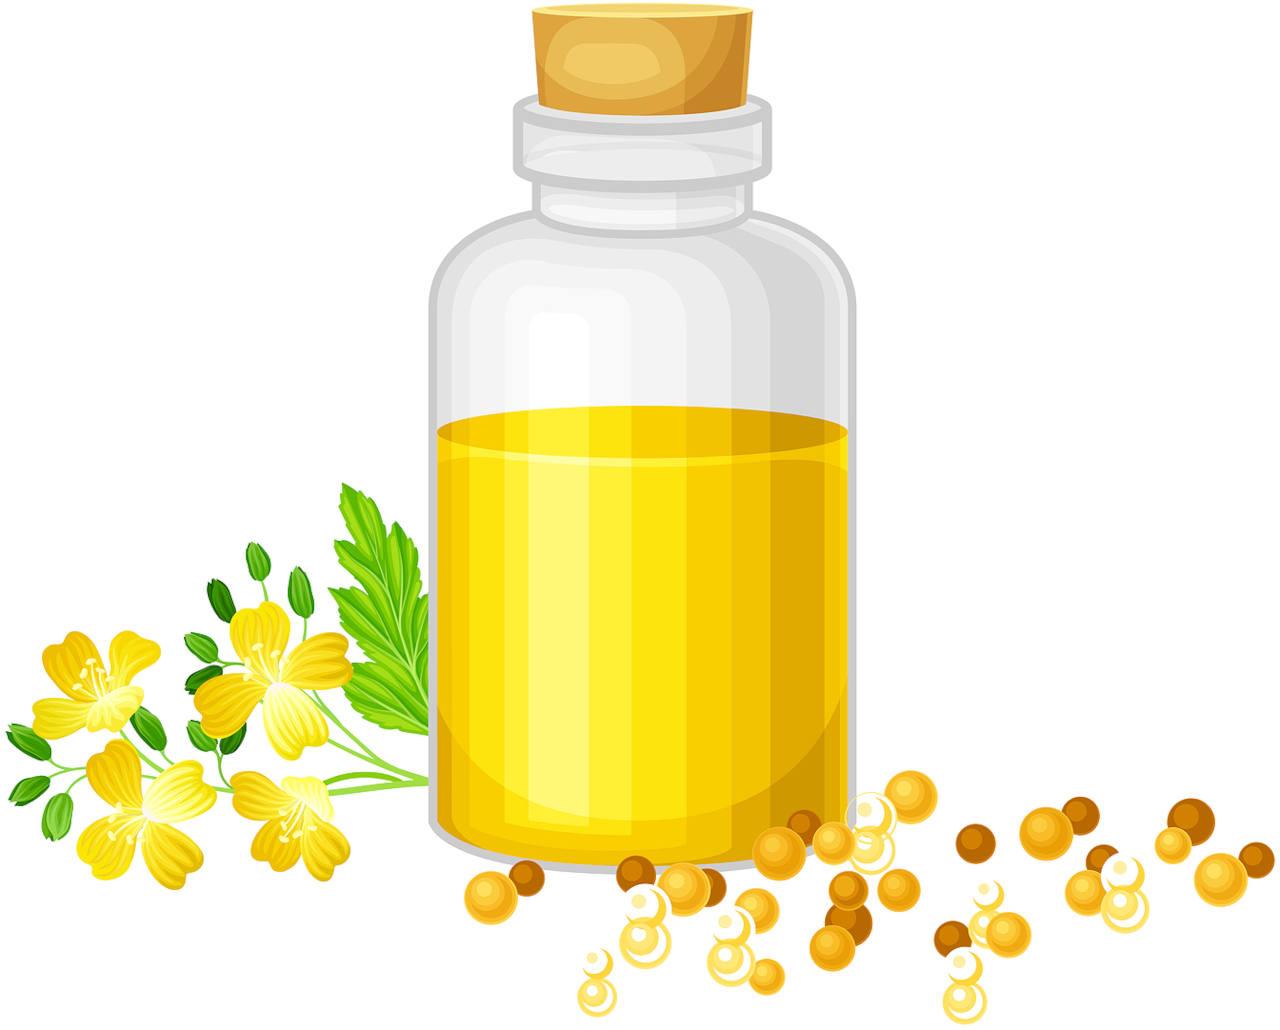 l'huile de moutarde est-elle bénéfique pour les cheveux